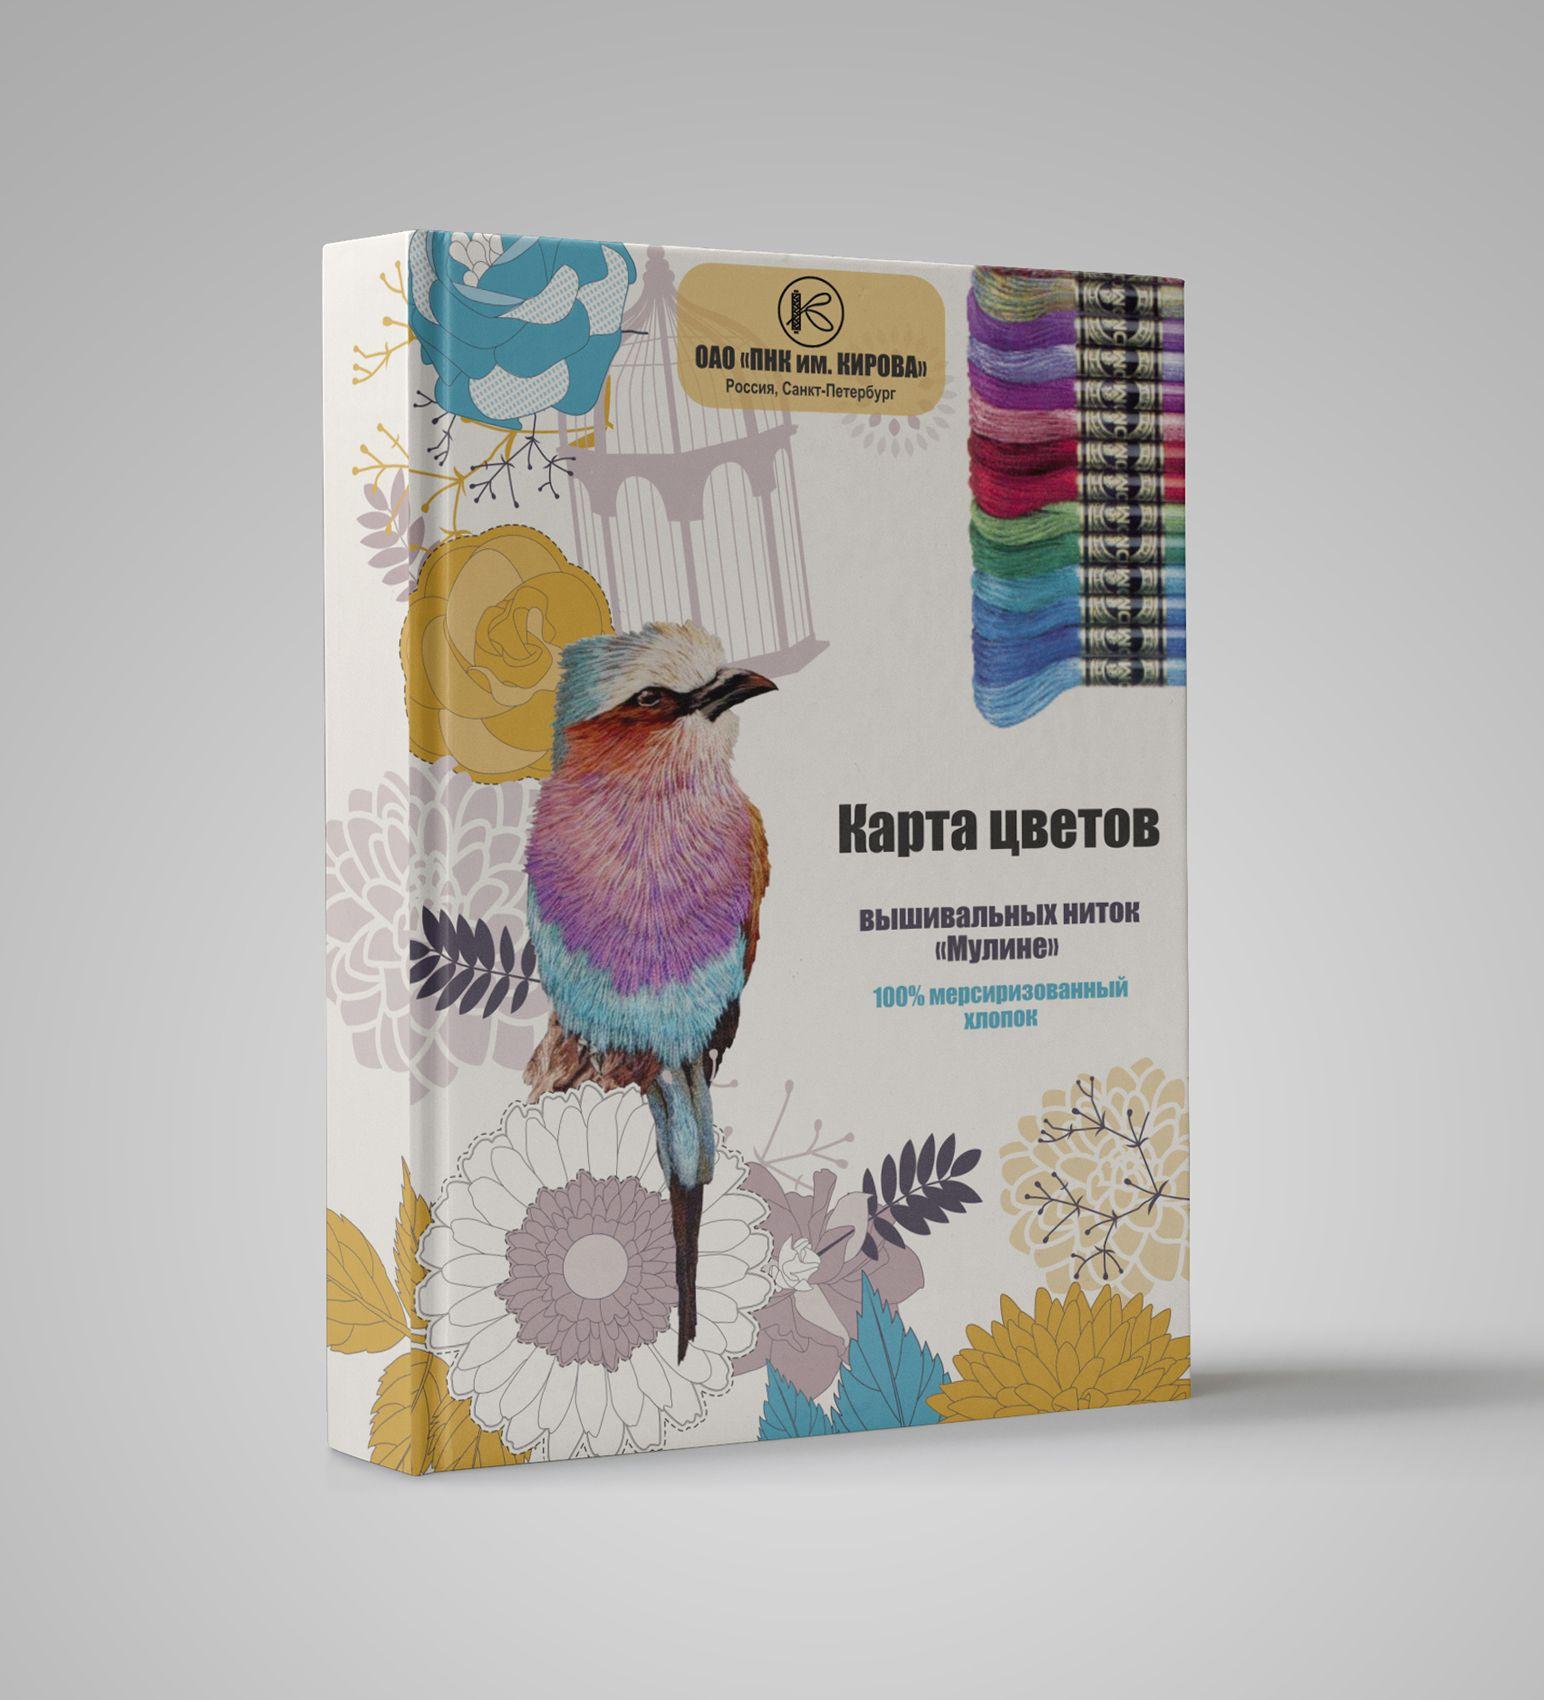 Обложка для карты цветов - дизайнер sincha-natali